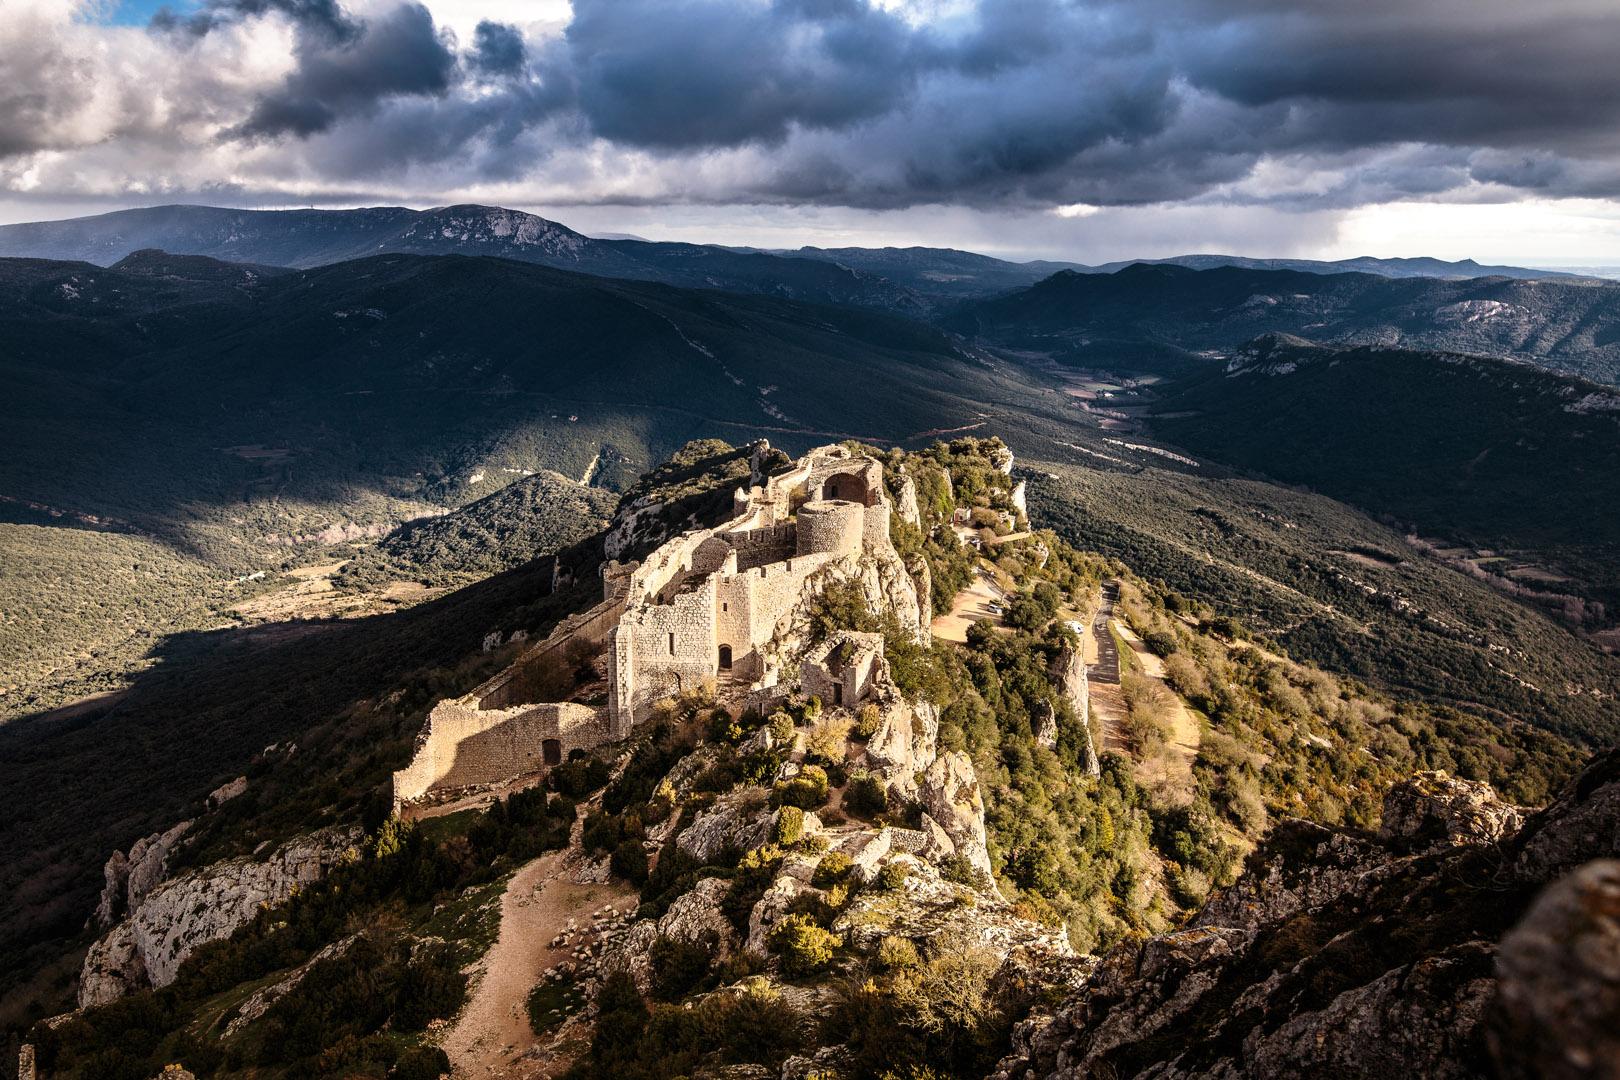 Vertigineuse vue du château de Peyrepertuse